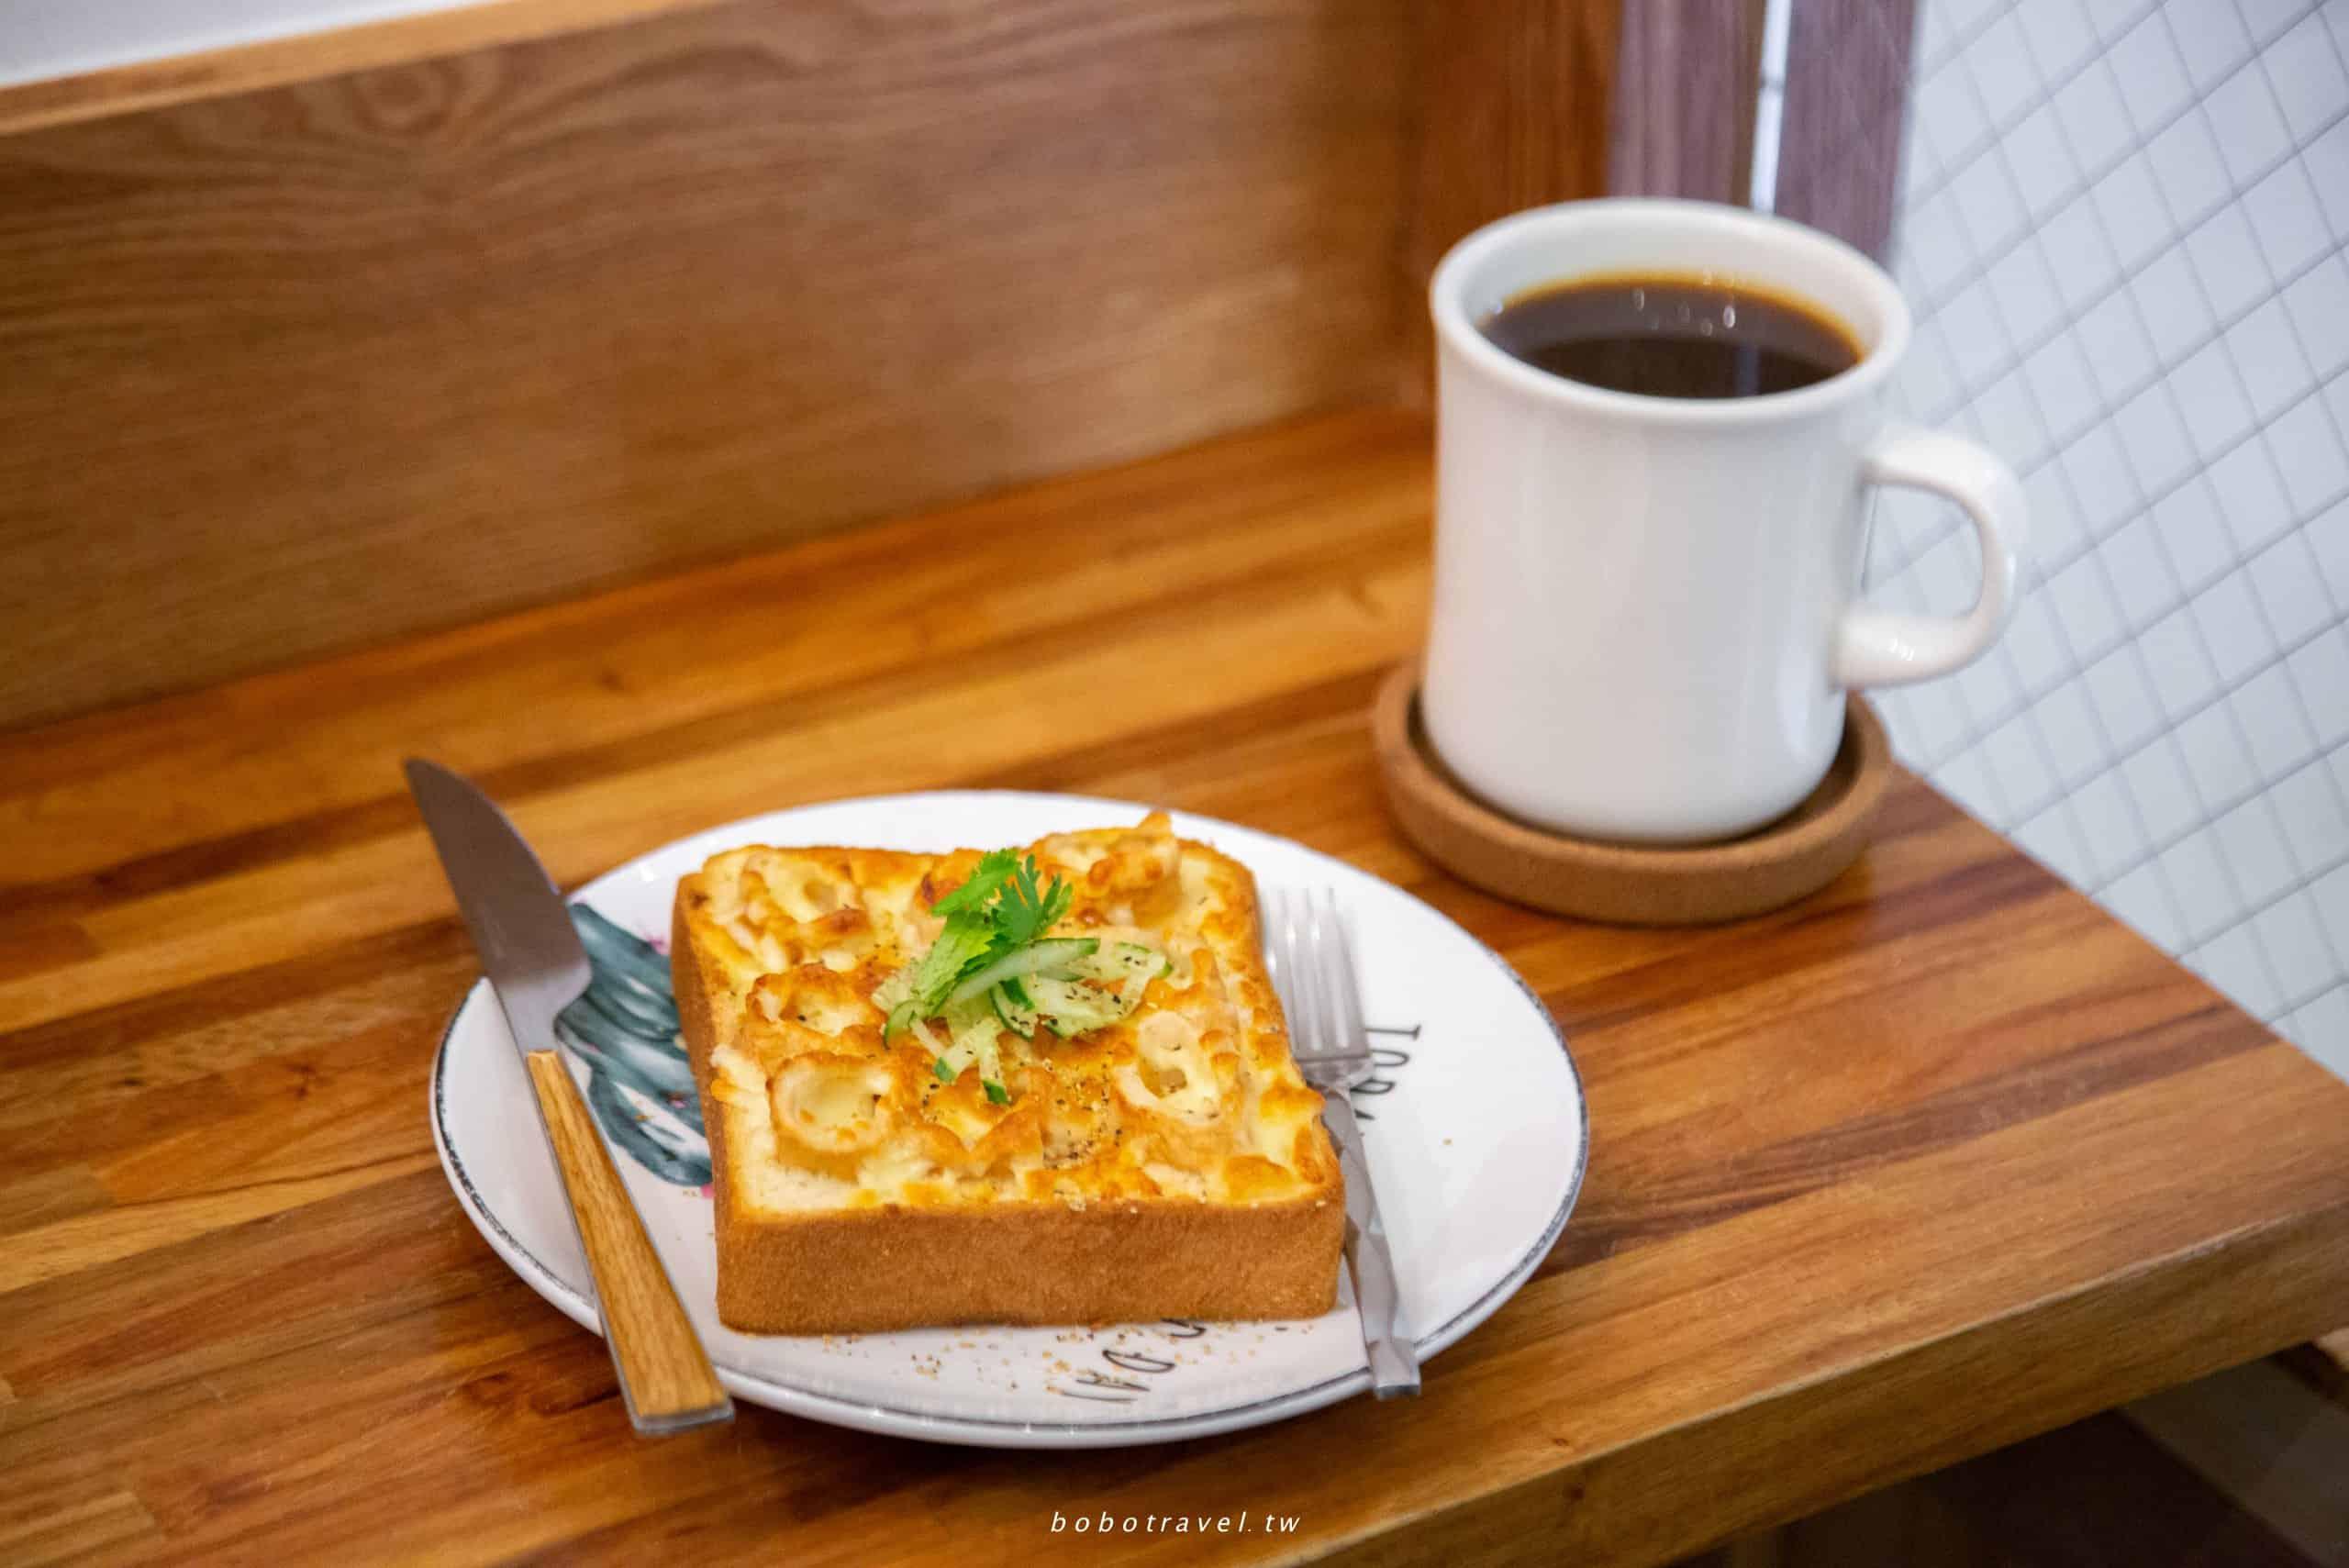 基隆咖啡廳、貓町咖啡 CatTown Coffee Stand|基隆巷弄質感咖啡店,讓貓咪作陪午後的慵懶時光